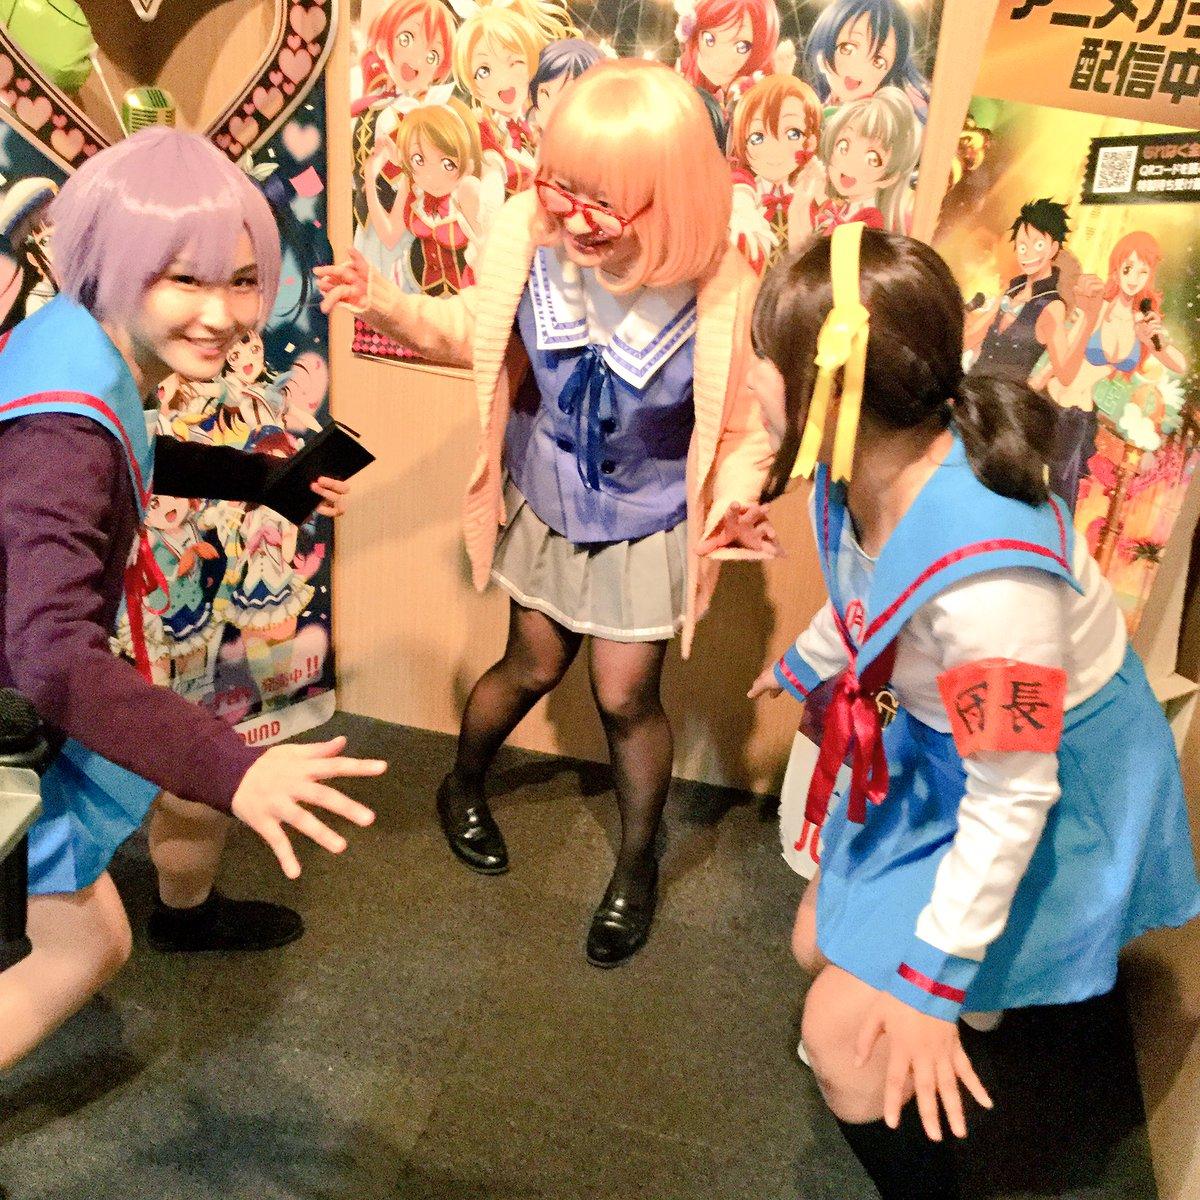 にゃーーーん!!!ヽ(*^ω^*)ノちよゆのみかりんのフレッシュな3人組でスタート!後から、あこマカはるのが来ます!ちよ